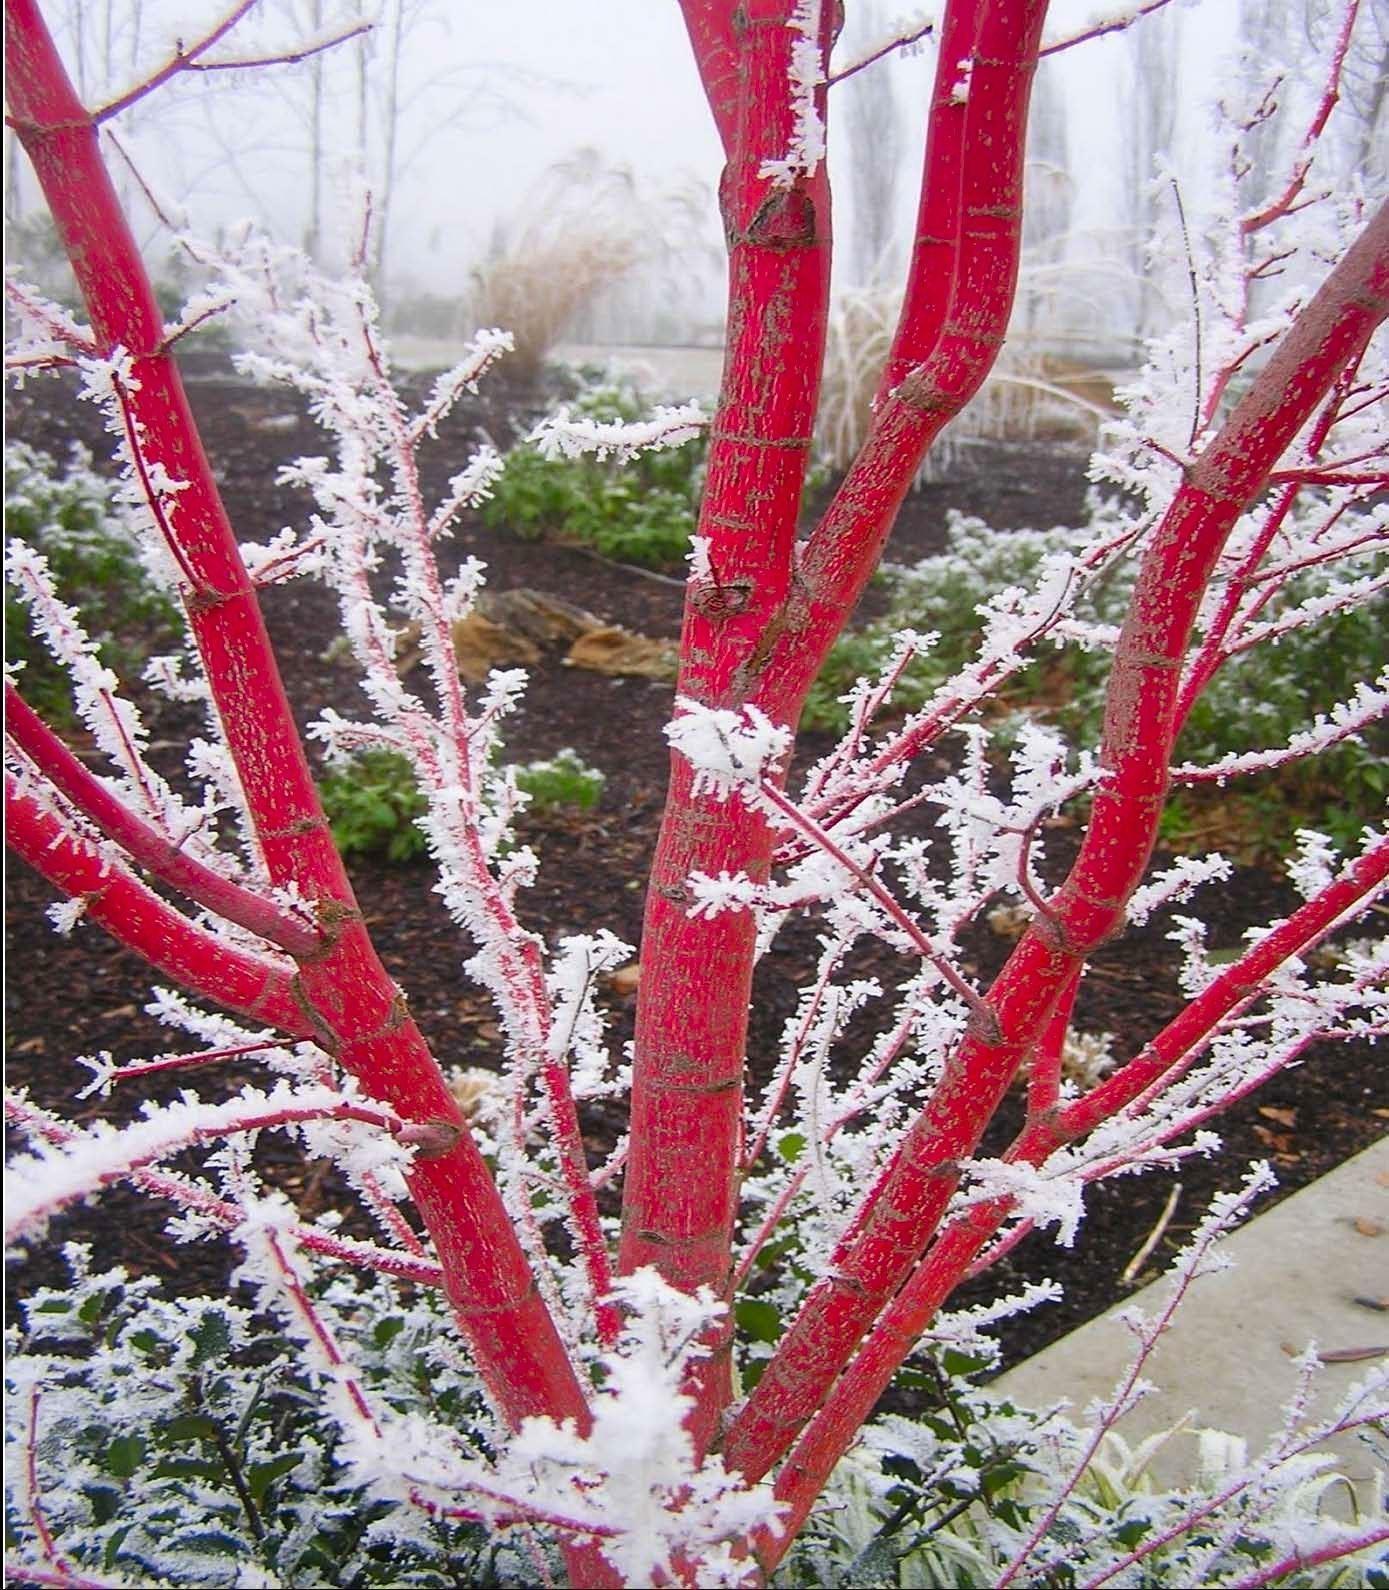 Coral Bark Japanese Maple Image courtesy of GardenGoodsDirect.com